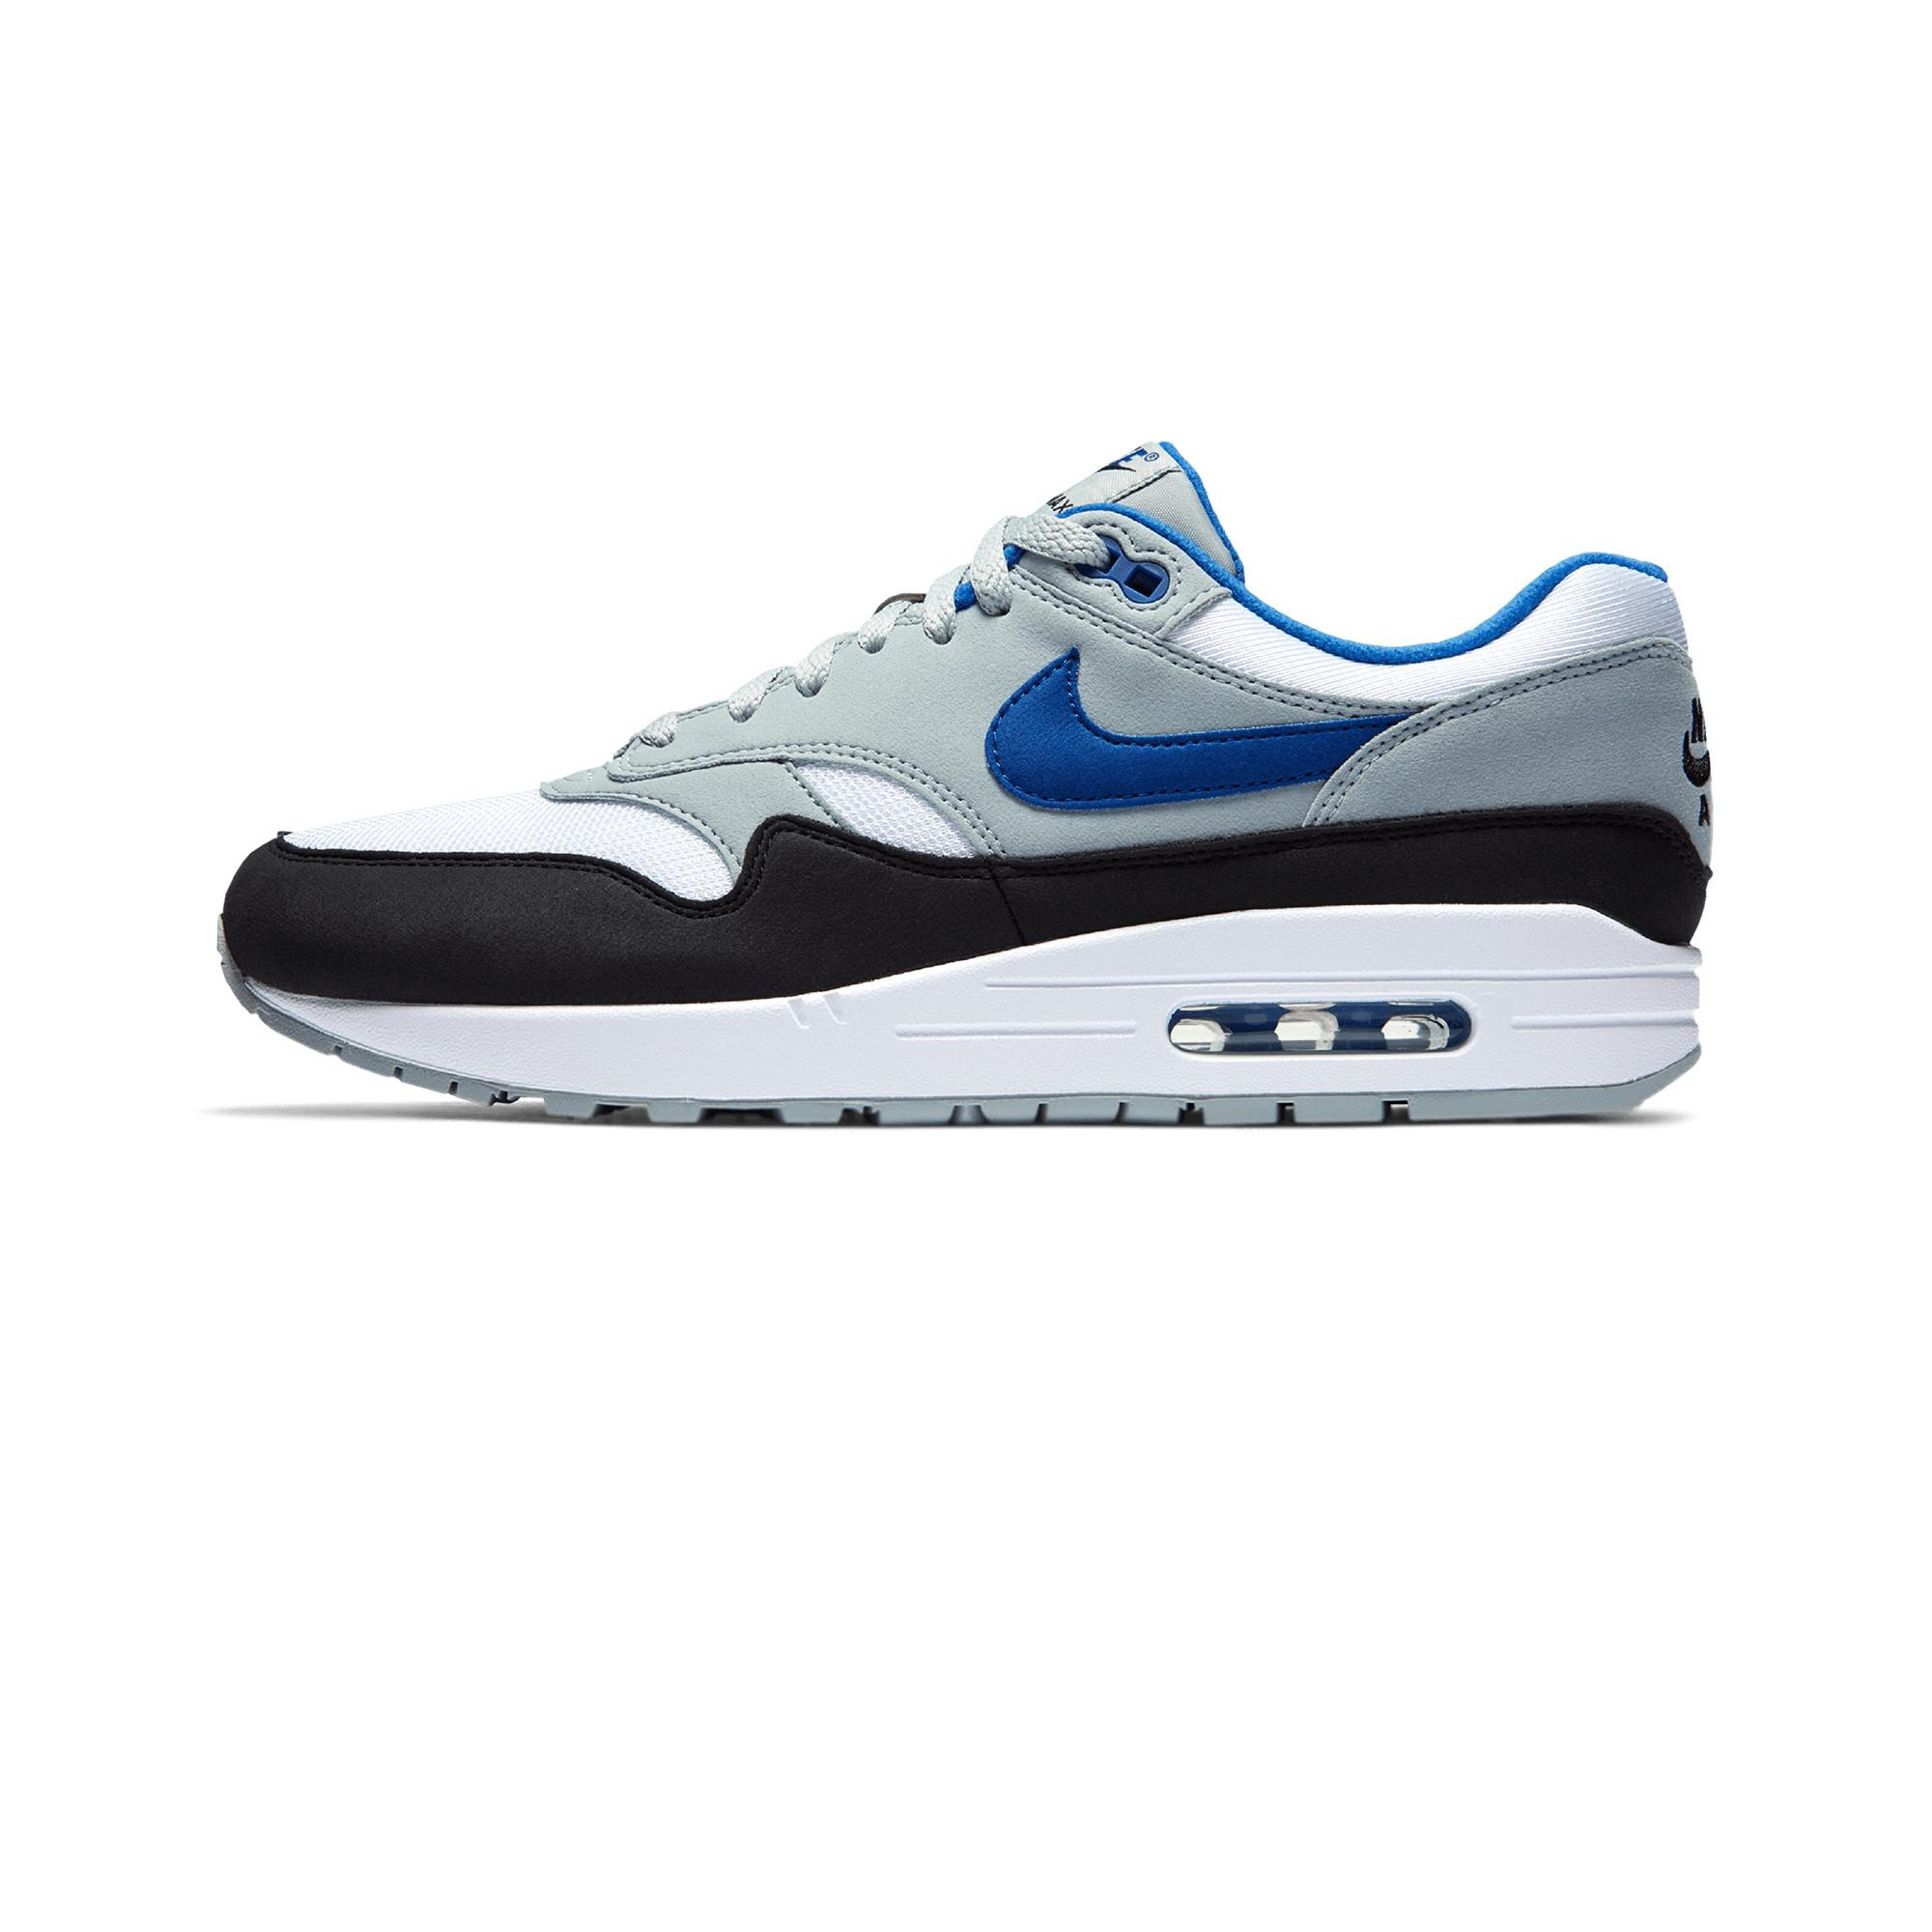 Basket Nike Air Max 1 Ref. AH8145 102 DownTownStock.Com